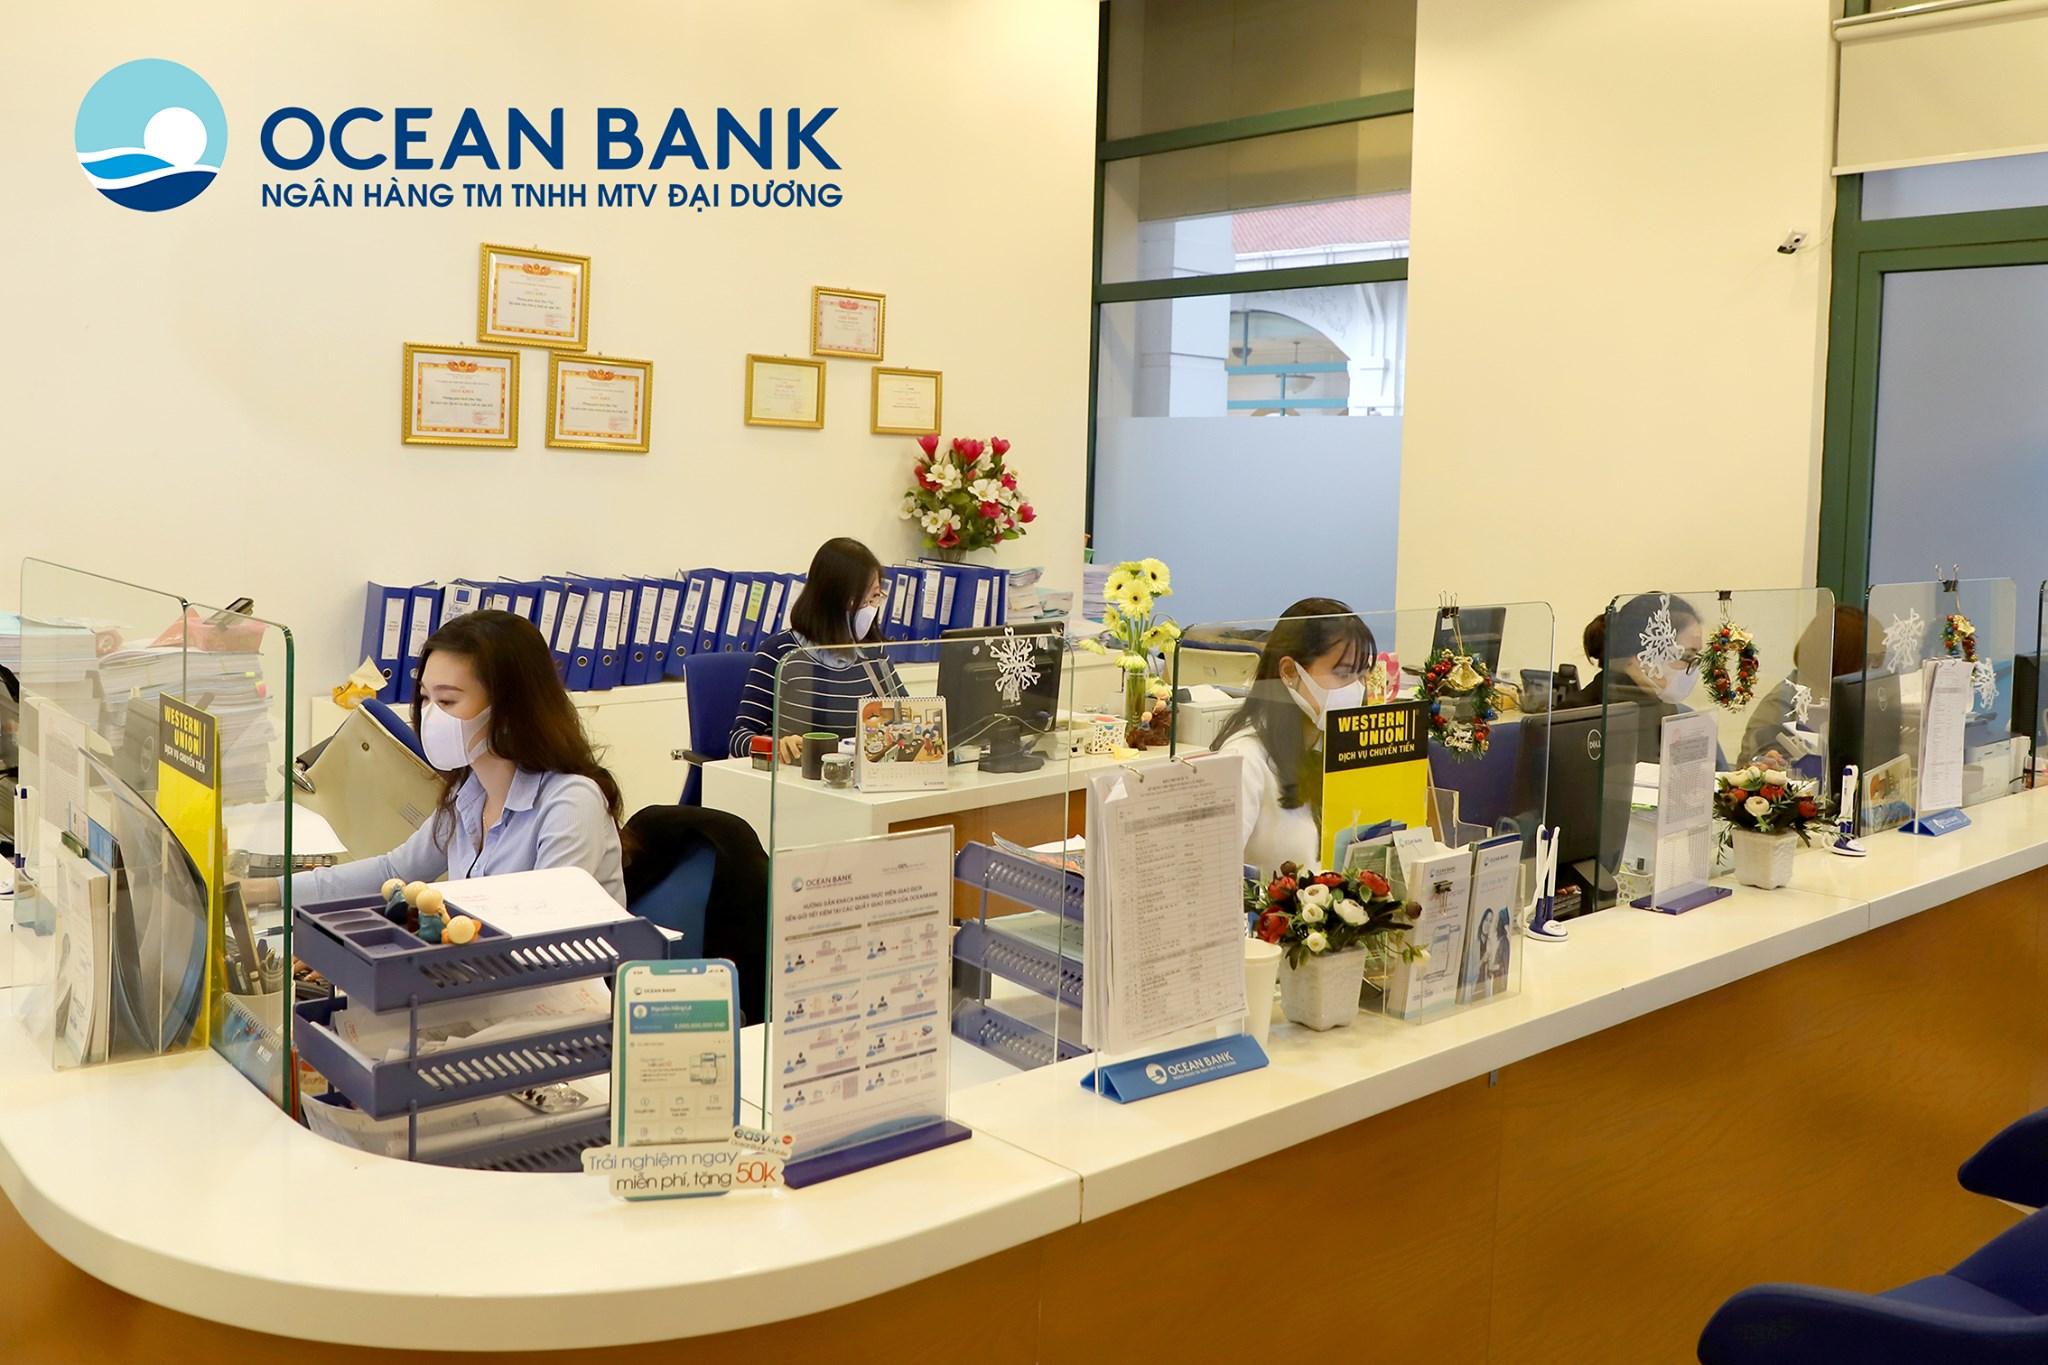 Giờ làm việc ngân hàng OceanBank mới nhất năm 2021 - Ảnh 1.